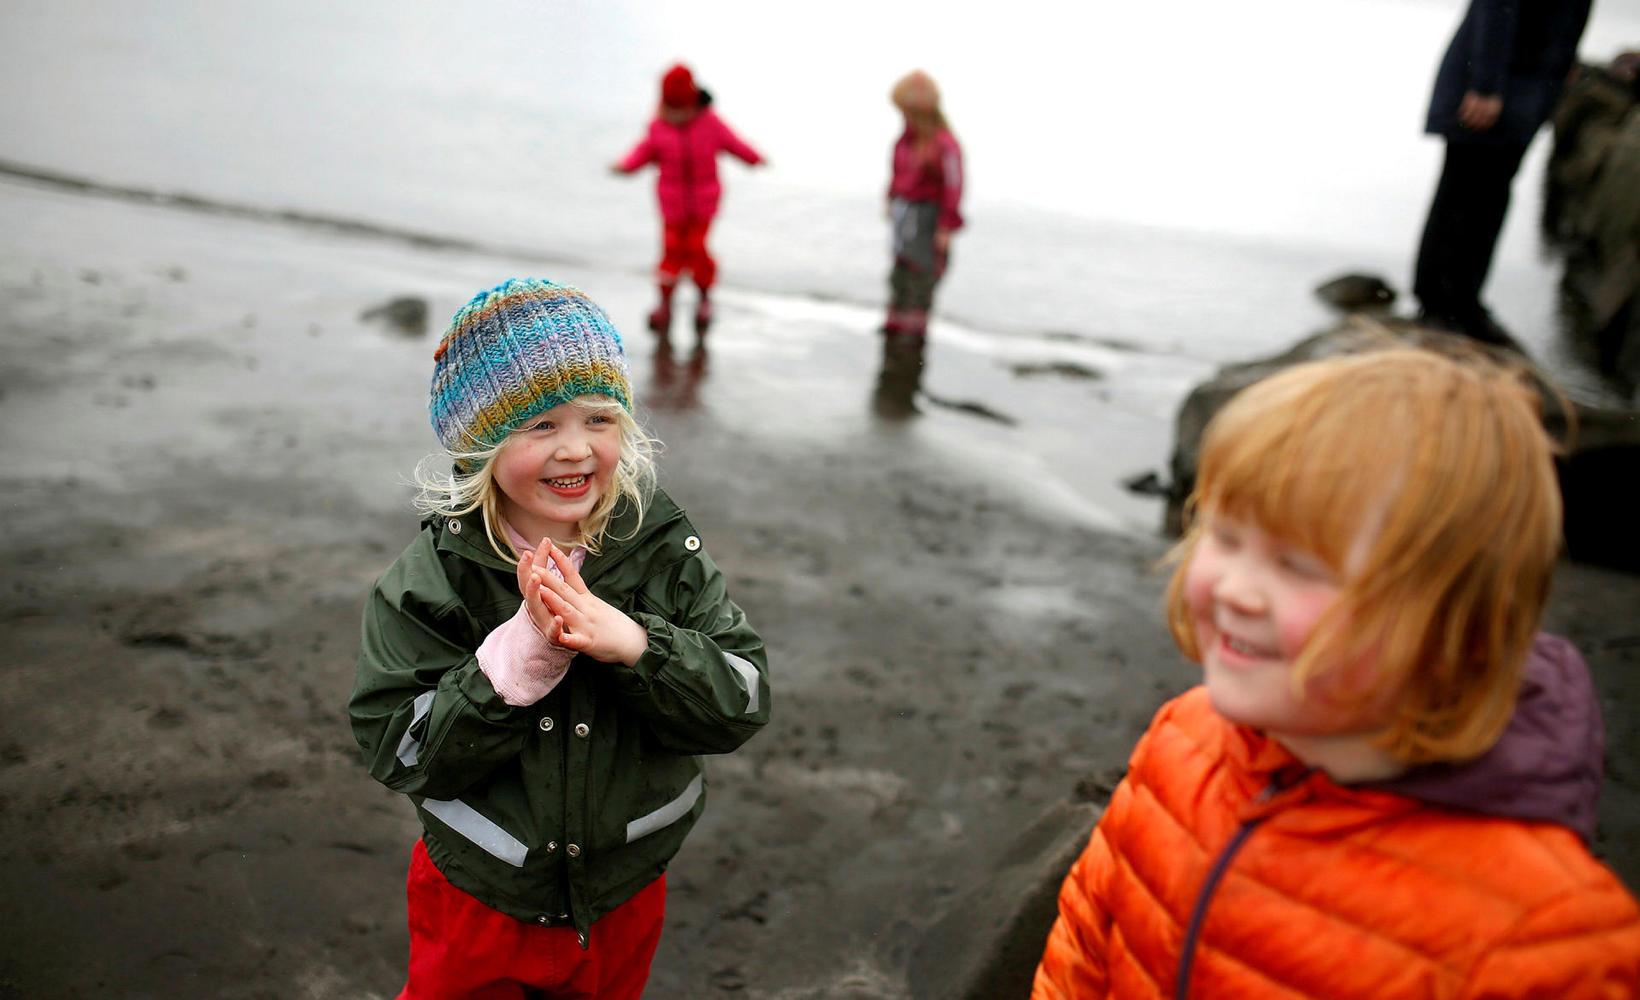 Kennari lýsti hvernig hann upplifði þakklæti frá foreldrum vegna þess …